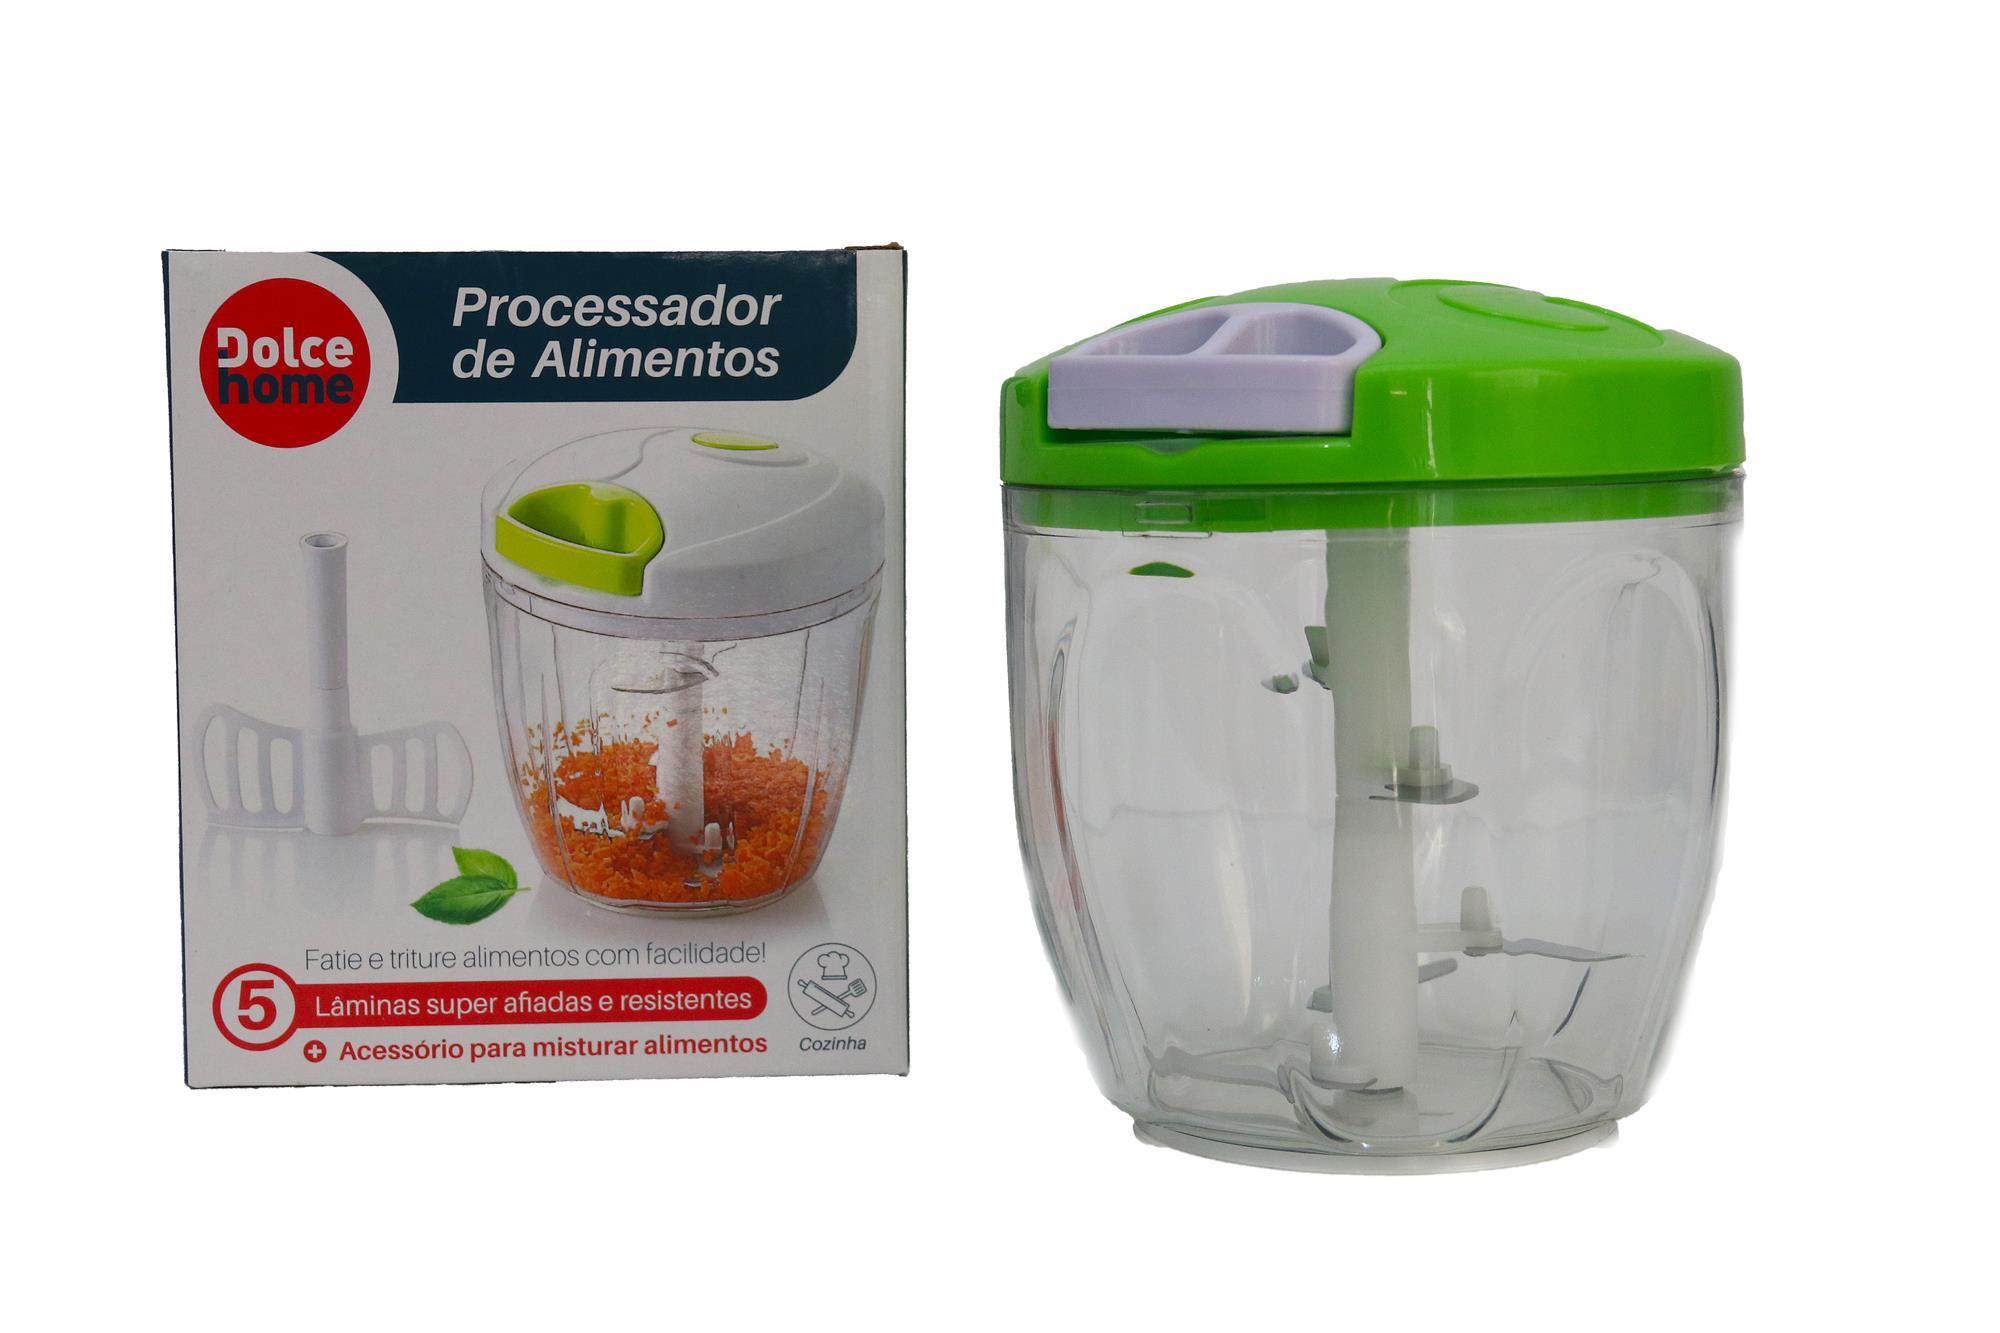 Processador de Alimentos  manual 5 lâminas triturar pratico